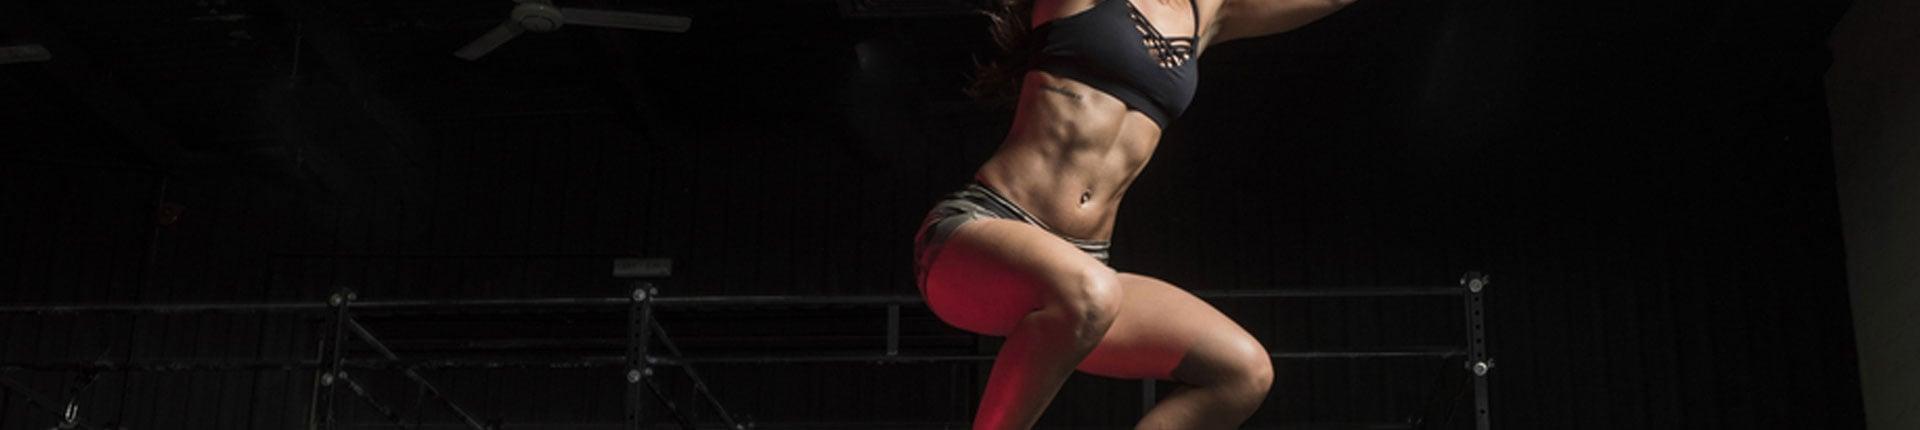 Trening interwałowy z ciężarem własnego ciała